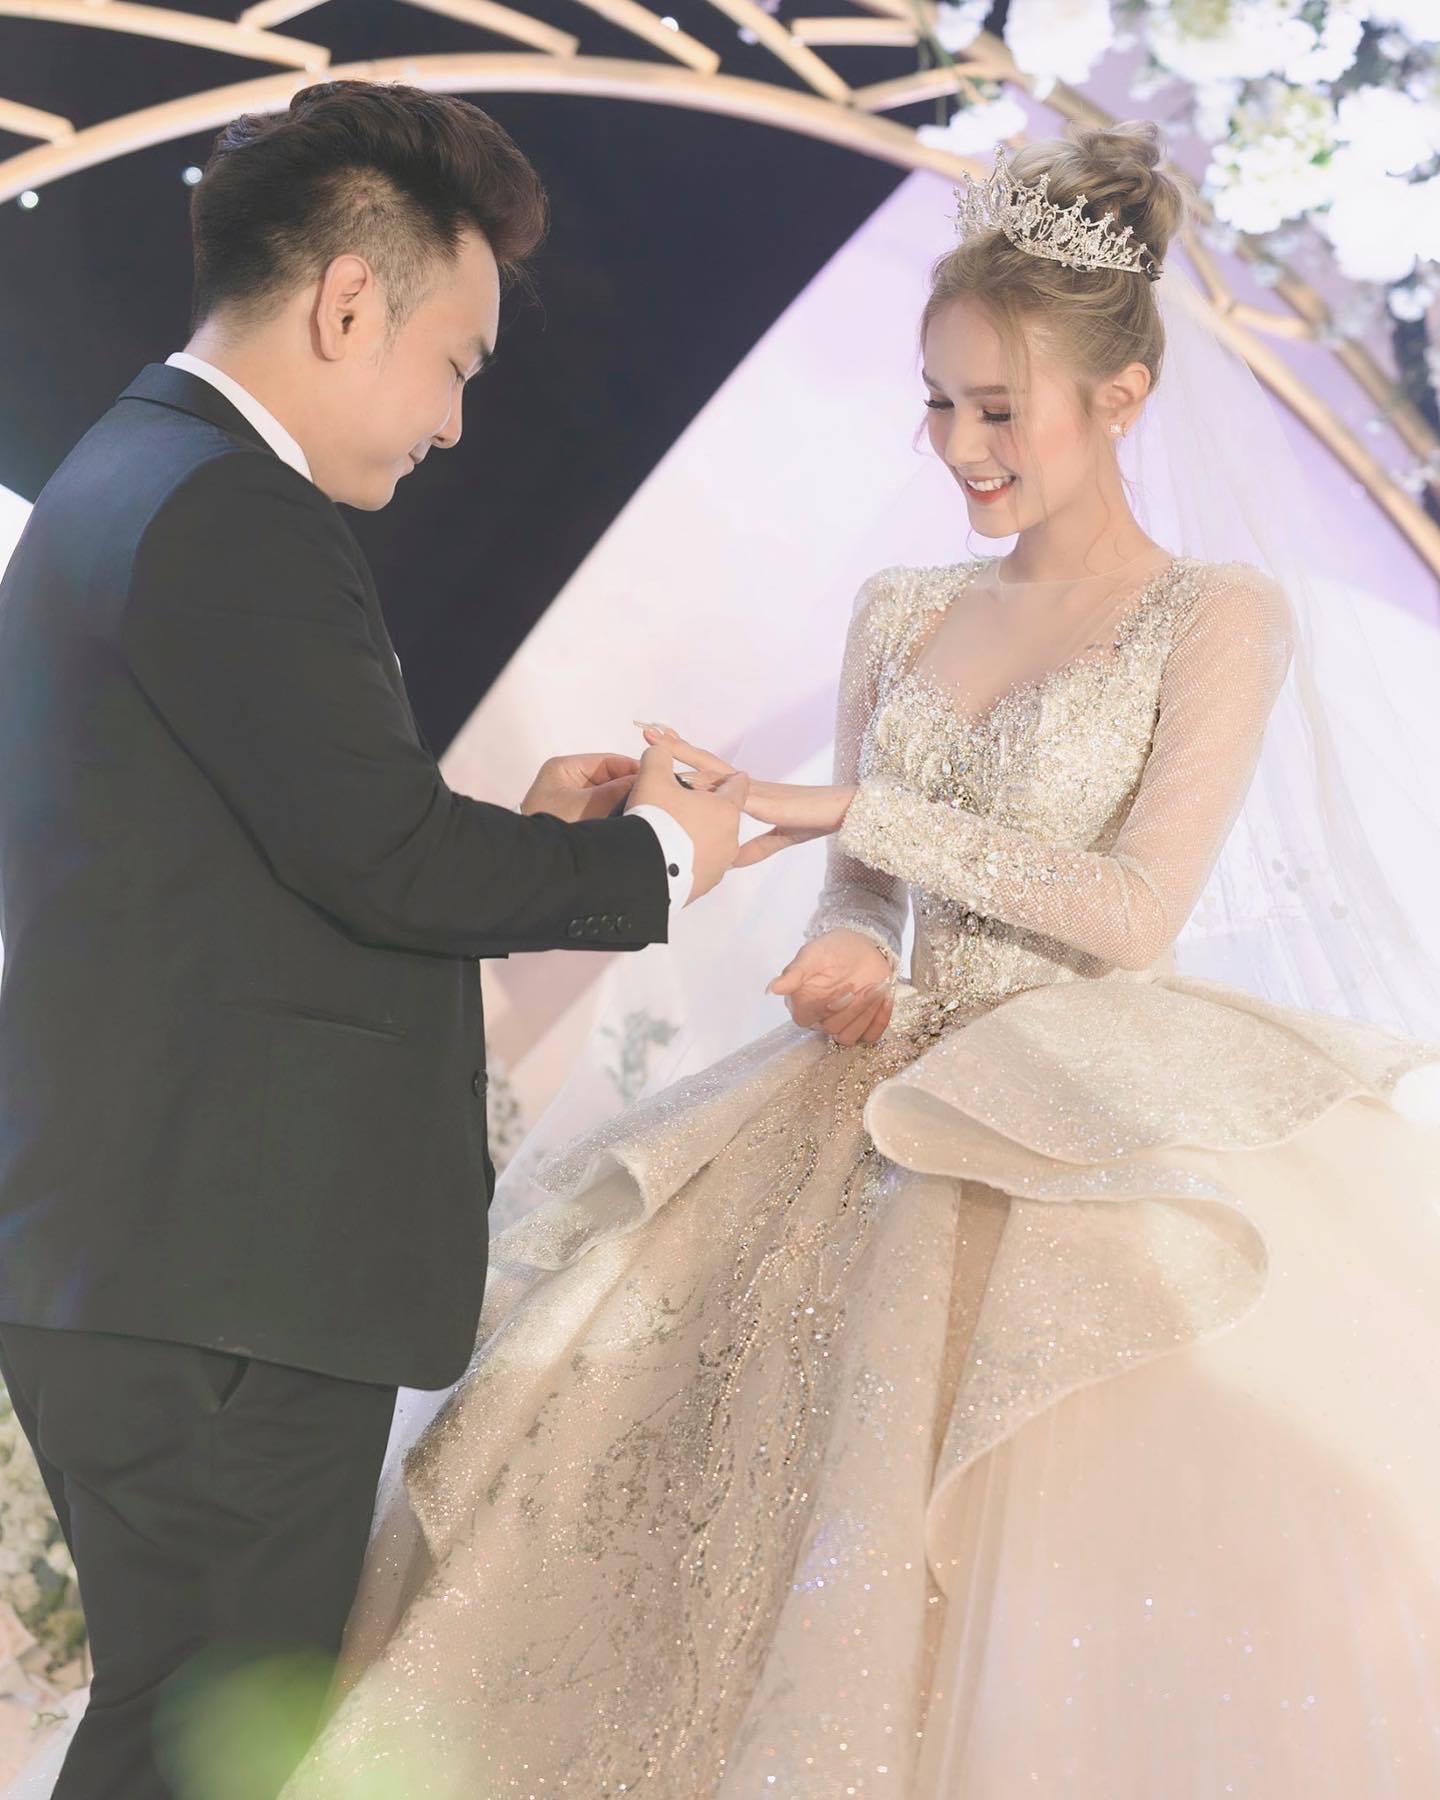 Loạt ảnh chốn riêng tư của Xoài Non - vợ 'streamer giàu nhất Việt Nam' Xemesiskhiến fan xao xuyến 5